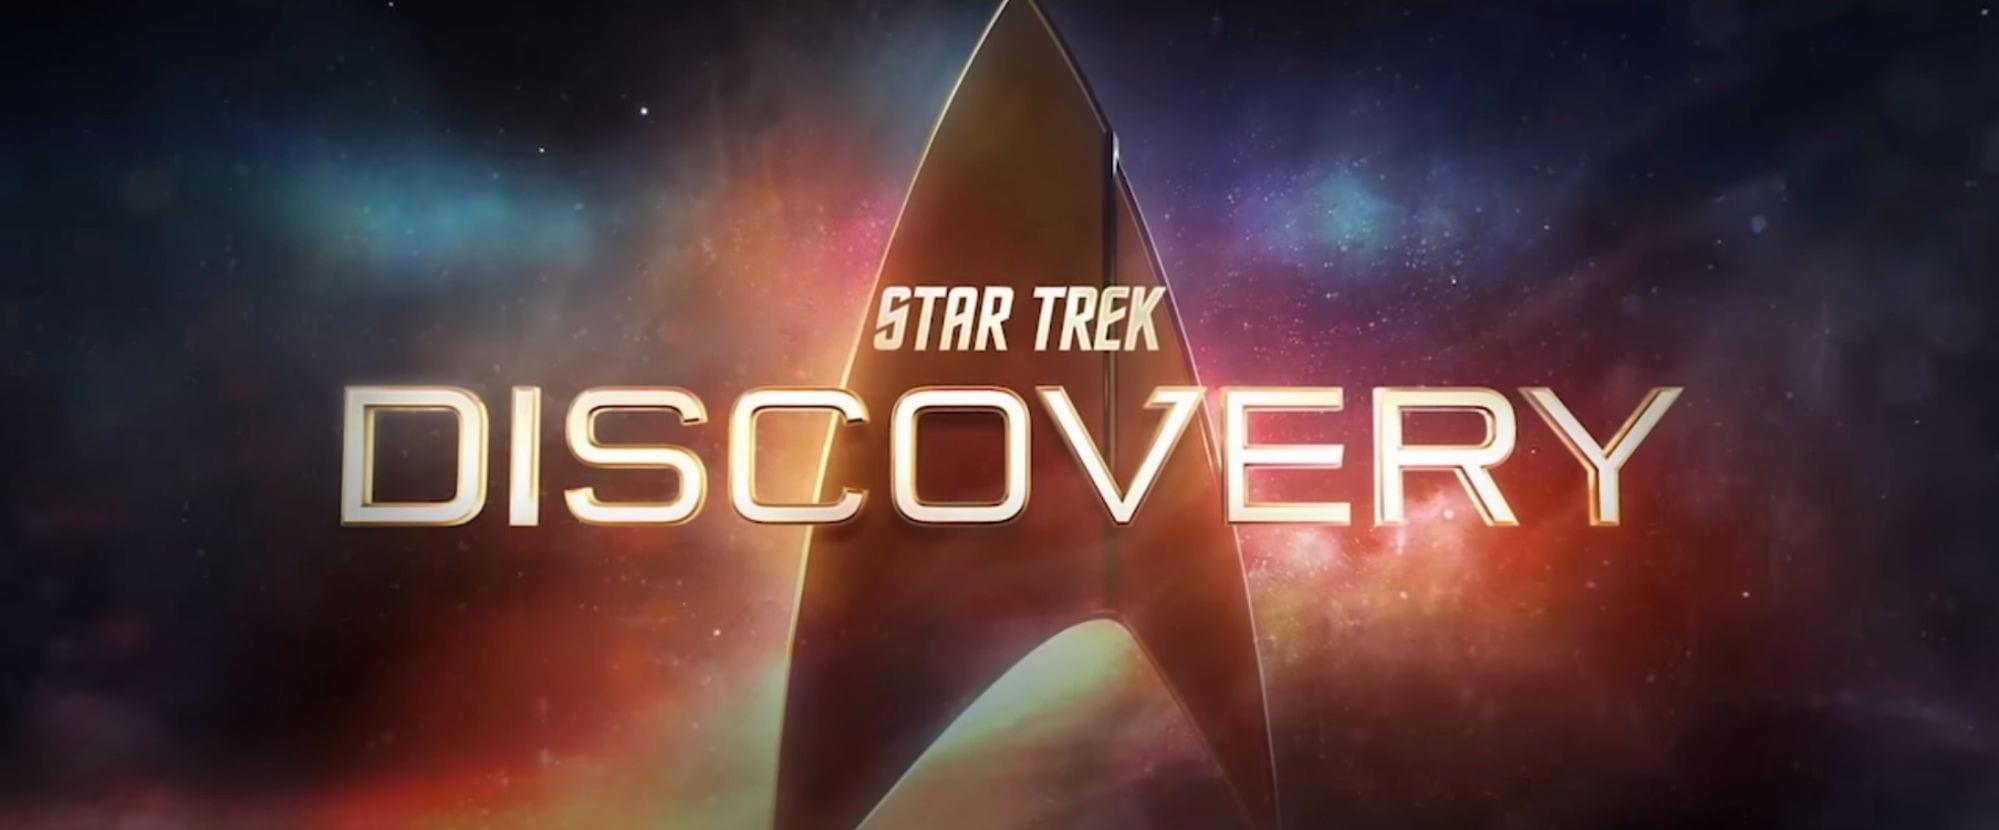 Star Trek Discovery: la serie è stata rinnovata per una quarta stagione